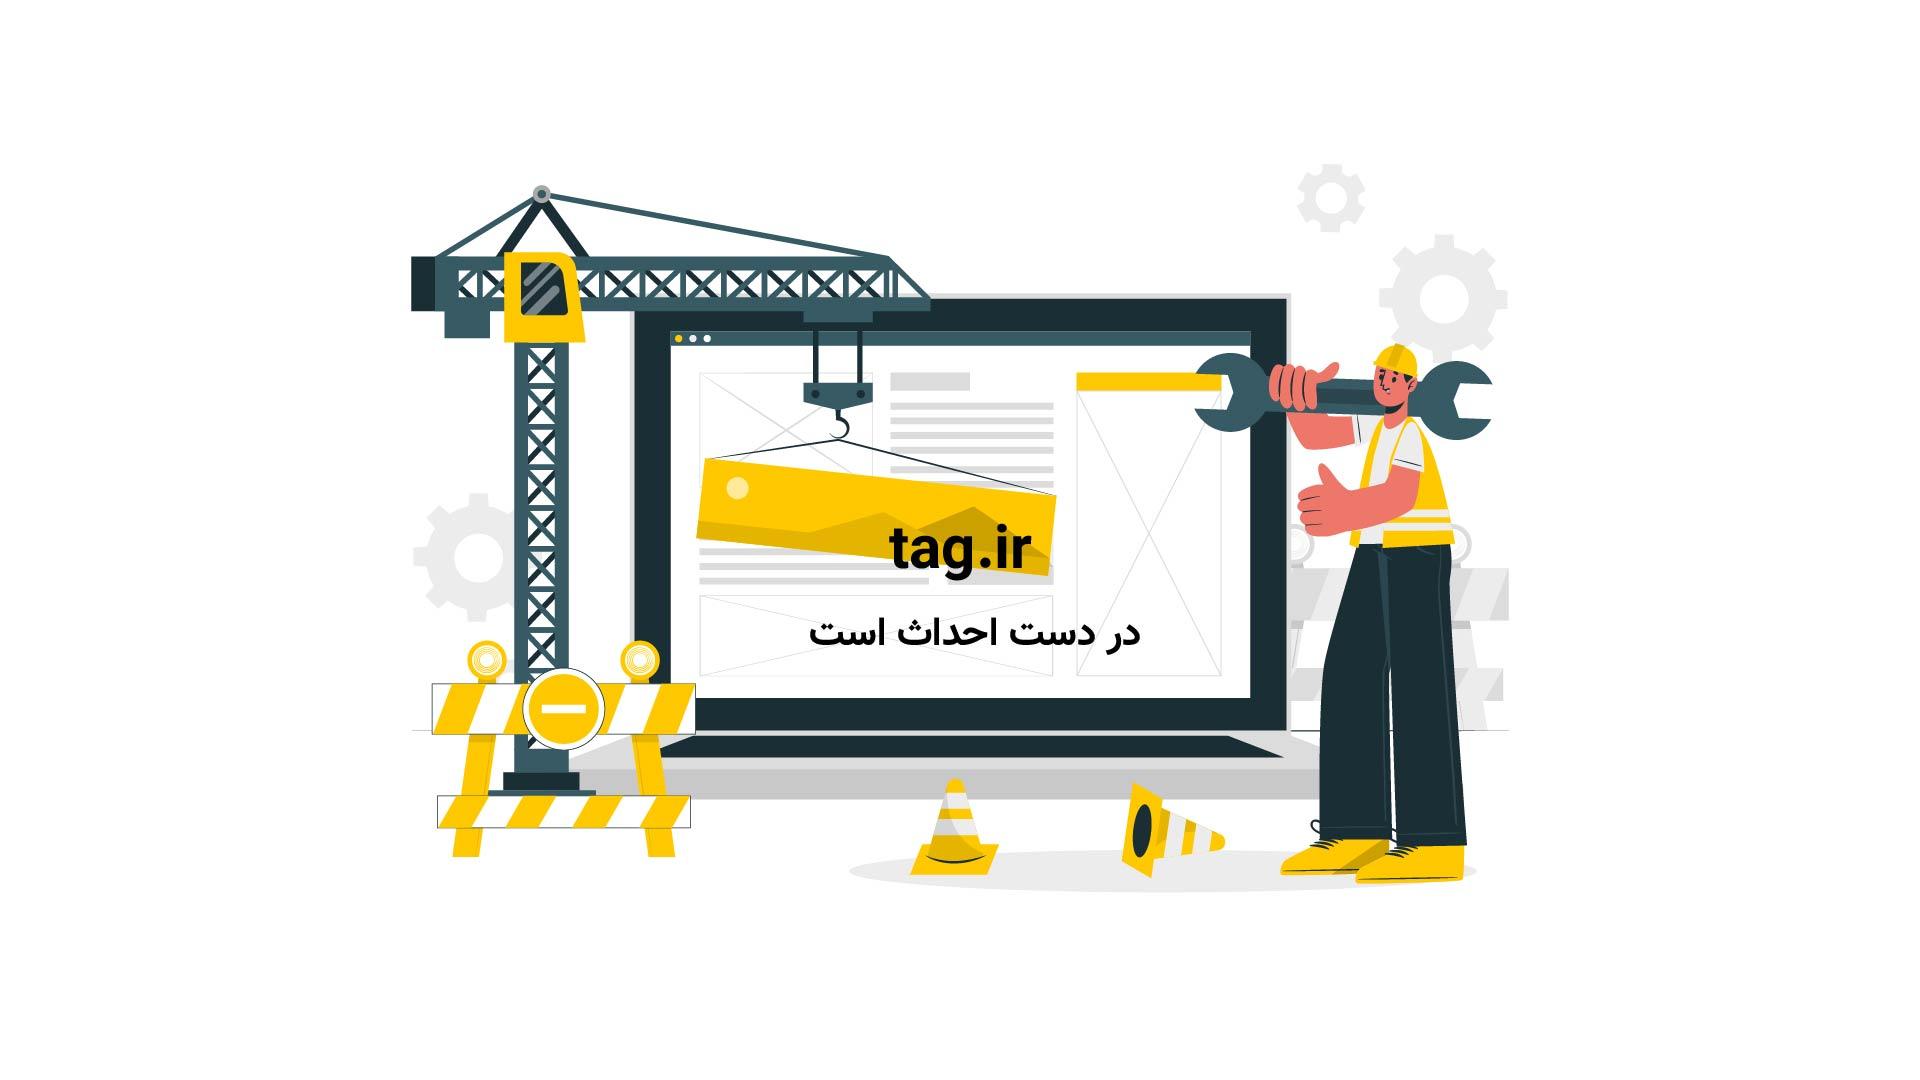 اسب عربی | تگ